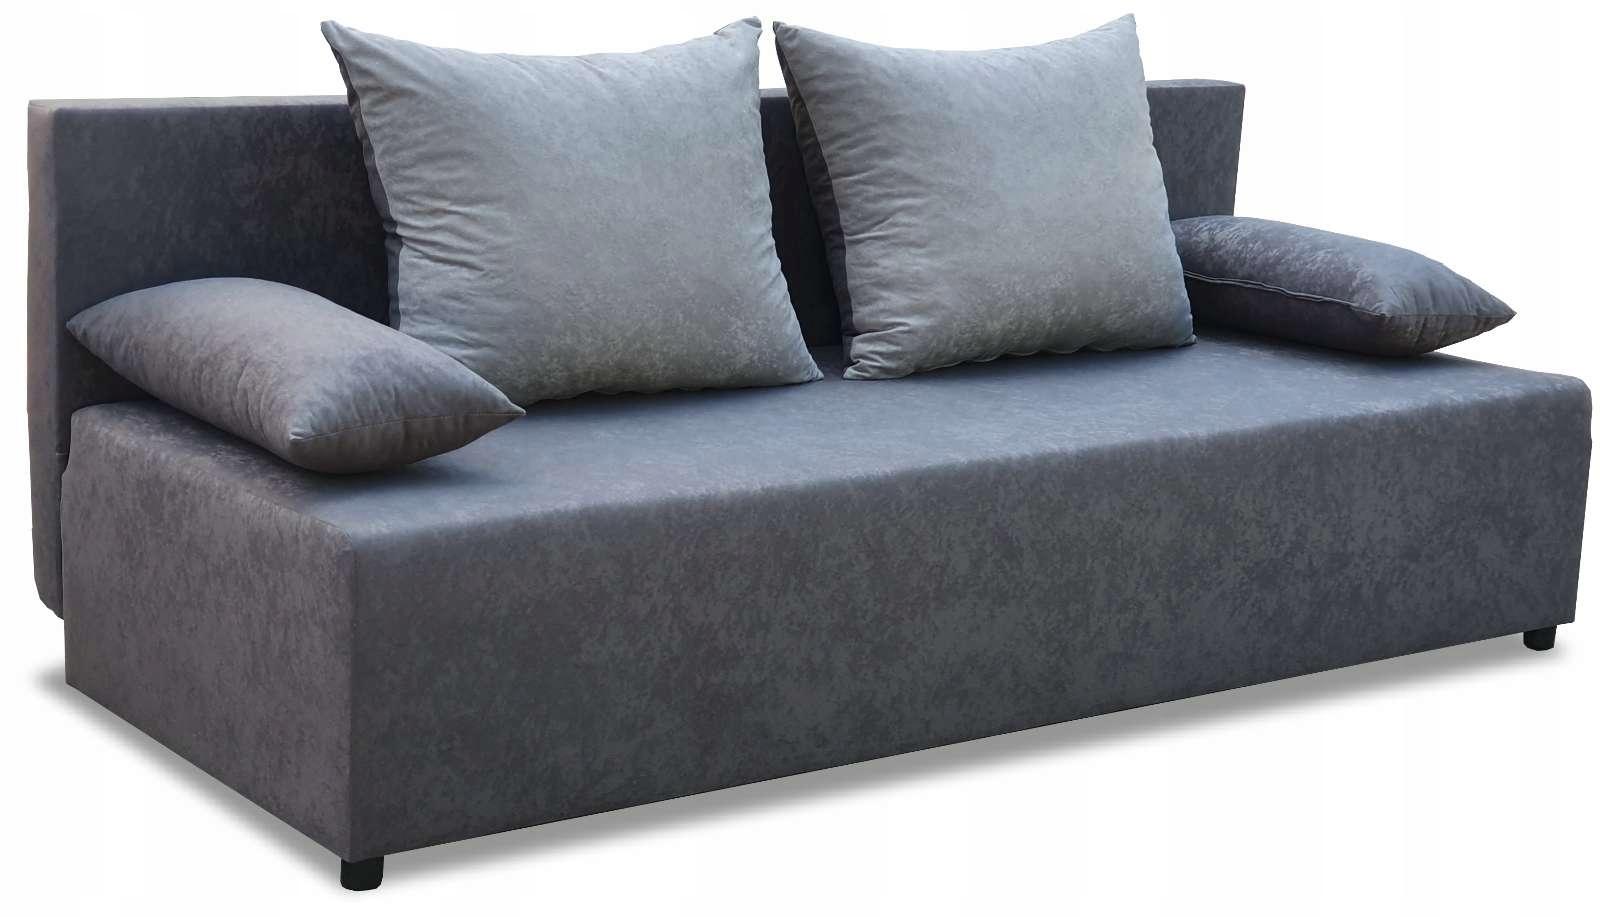 Диван-кушетка раскладной диван-кровать B